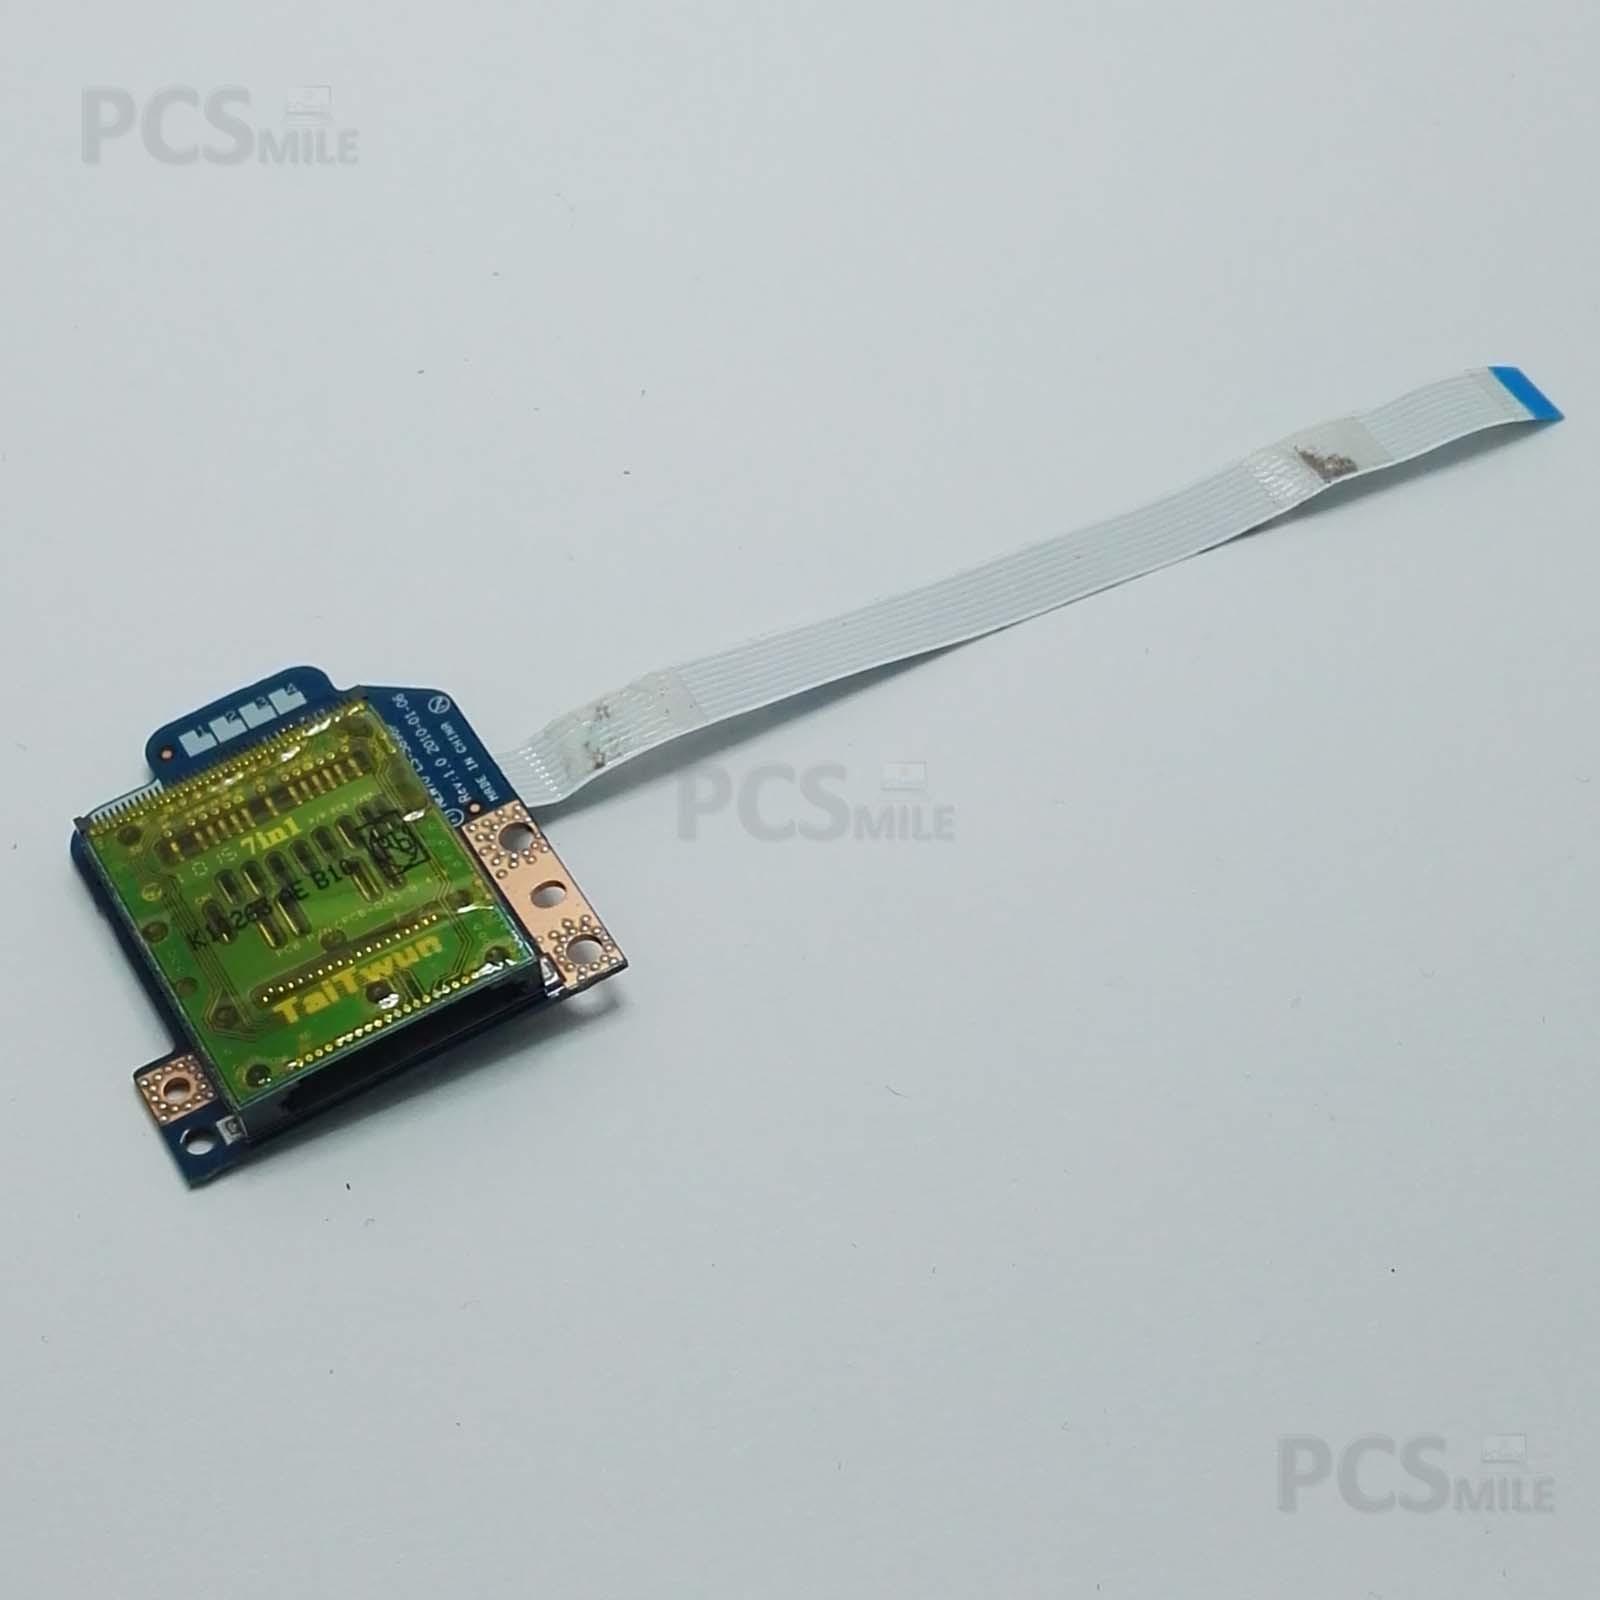 Card reader Packard bell NEW70 LS-5896P EasyNote TM85 Flat NBX0000NK00CV